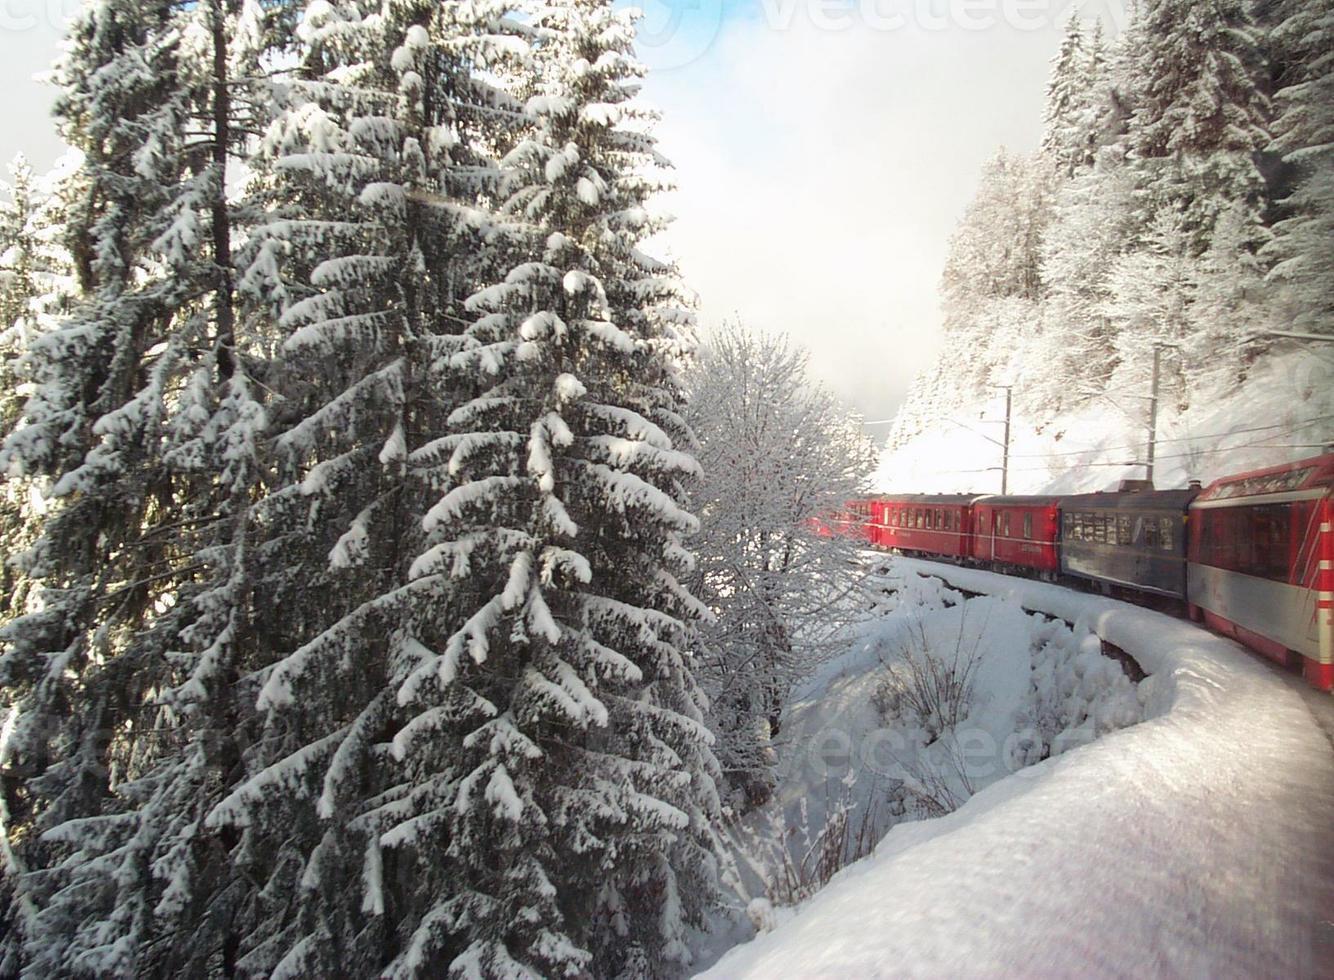 schweiziskt tåg som reser genom alperna på vintern foto